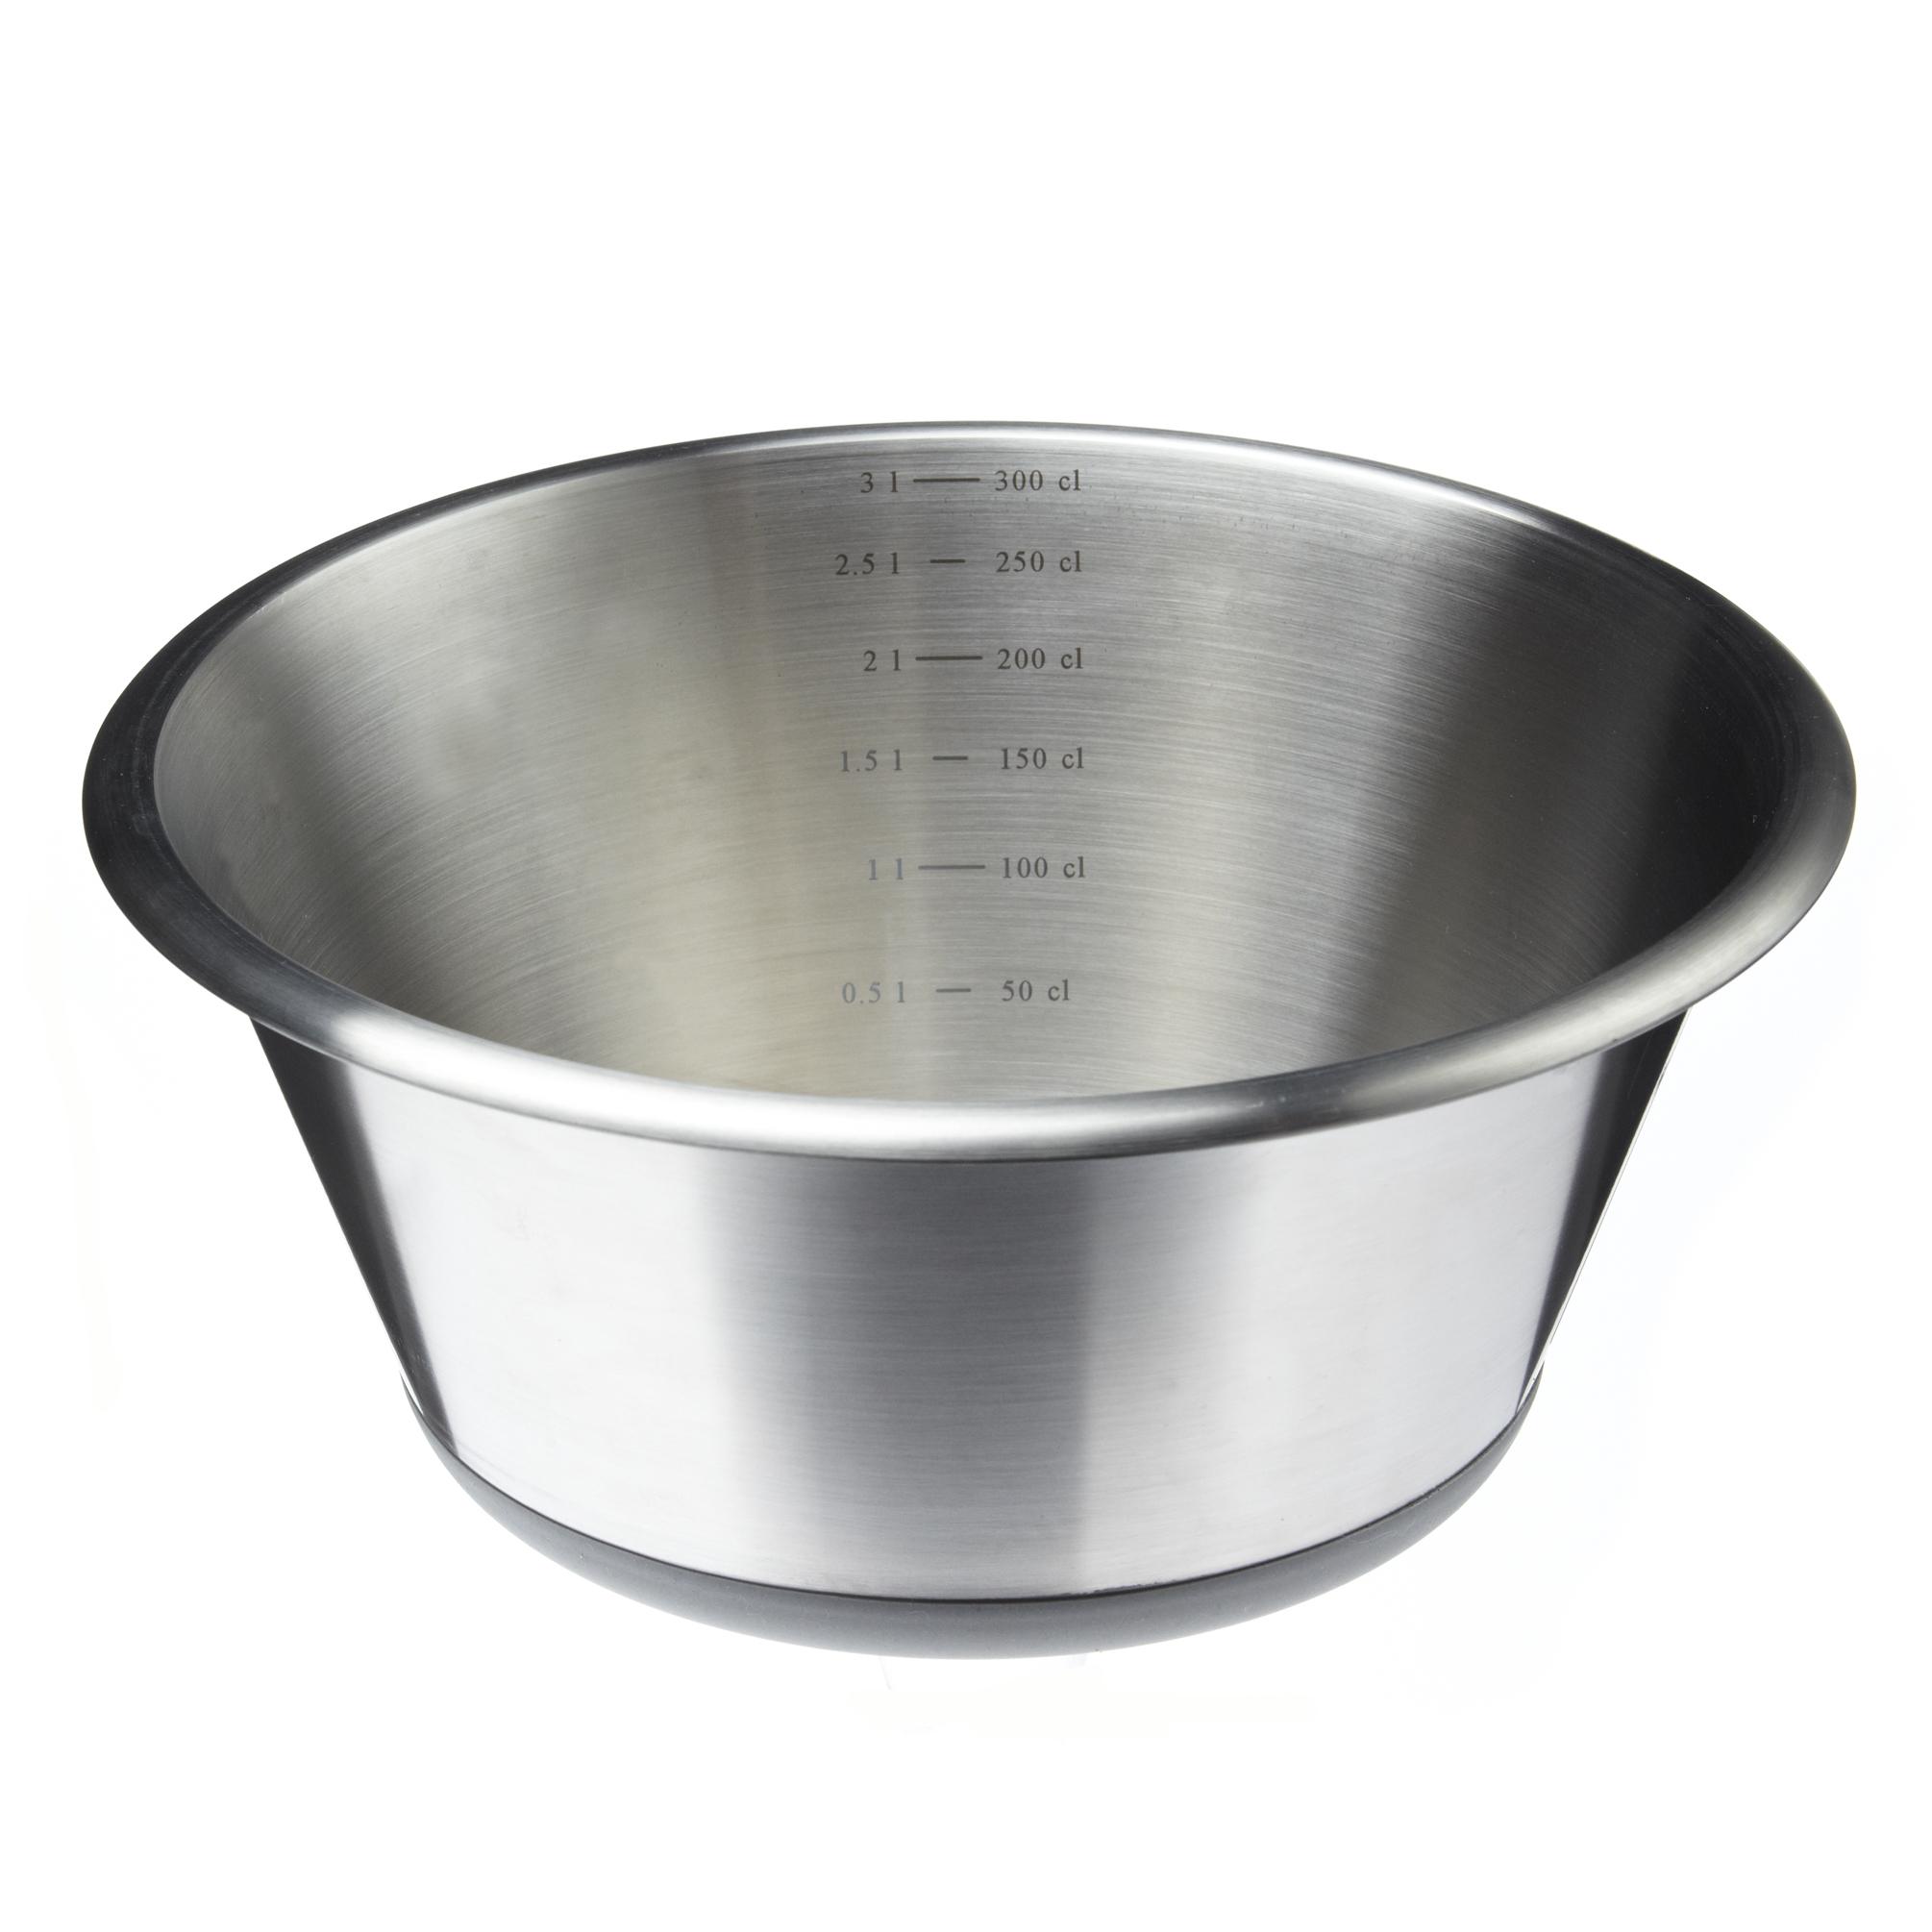 Bassine conique en inox avec base en silicone 28 cm for Equipement cuisine collective